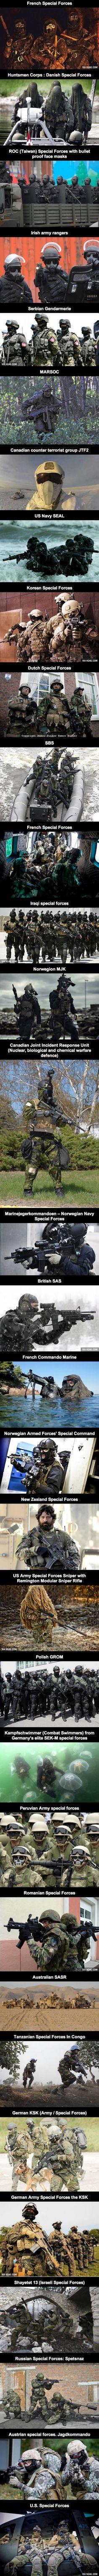 Спецназ стран мира (фото) | Сайга 12.ru